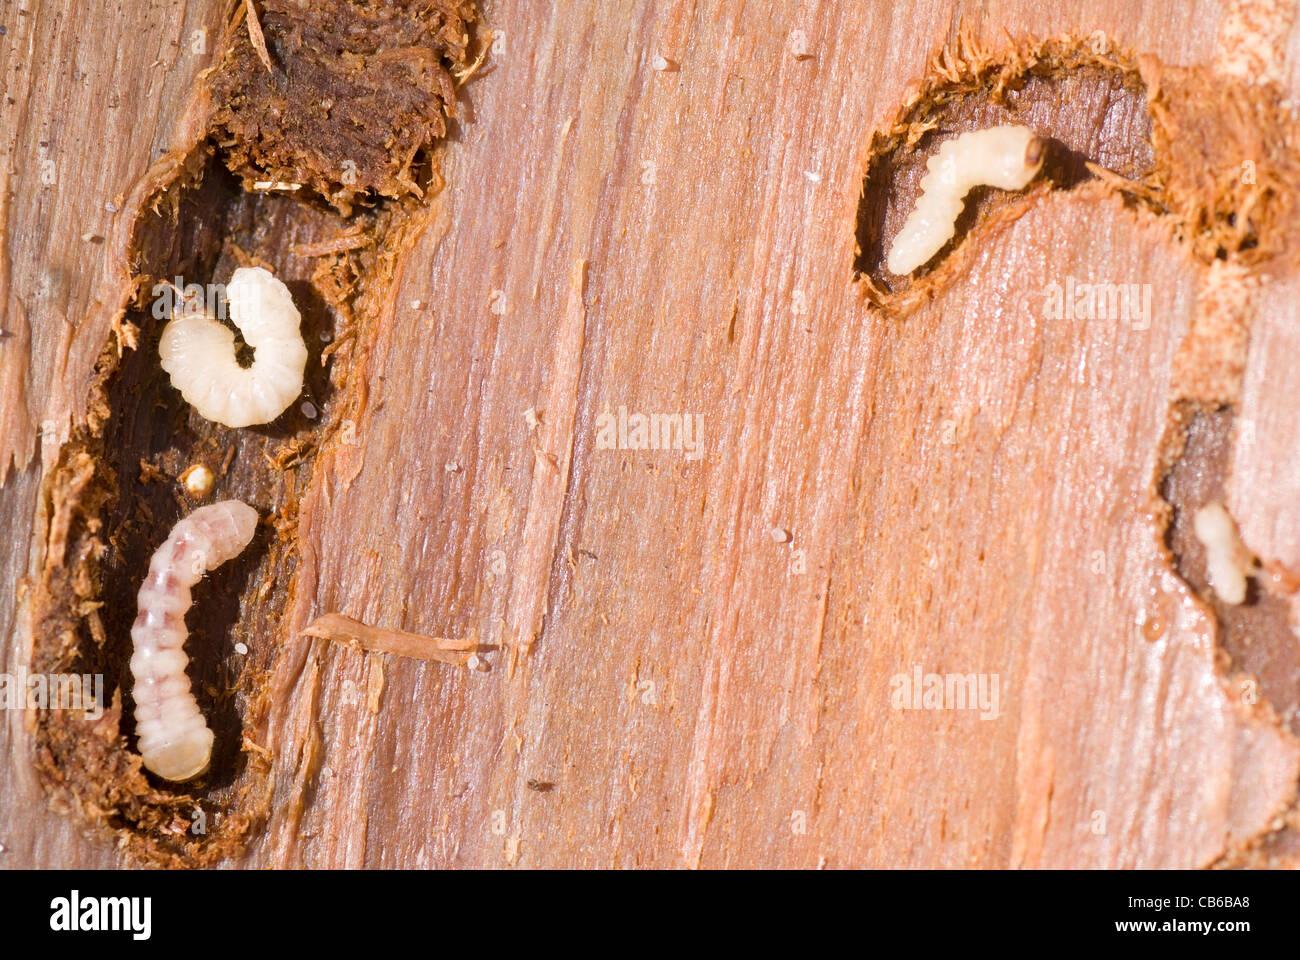 Kleiner Holzwurm Liegt Auf Braune Rinde Stockfoto Bild 41322576